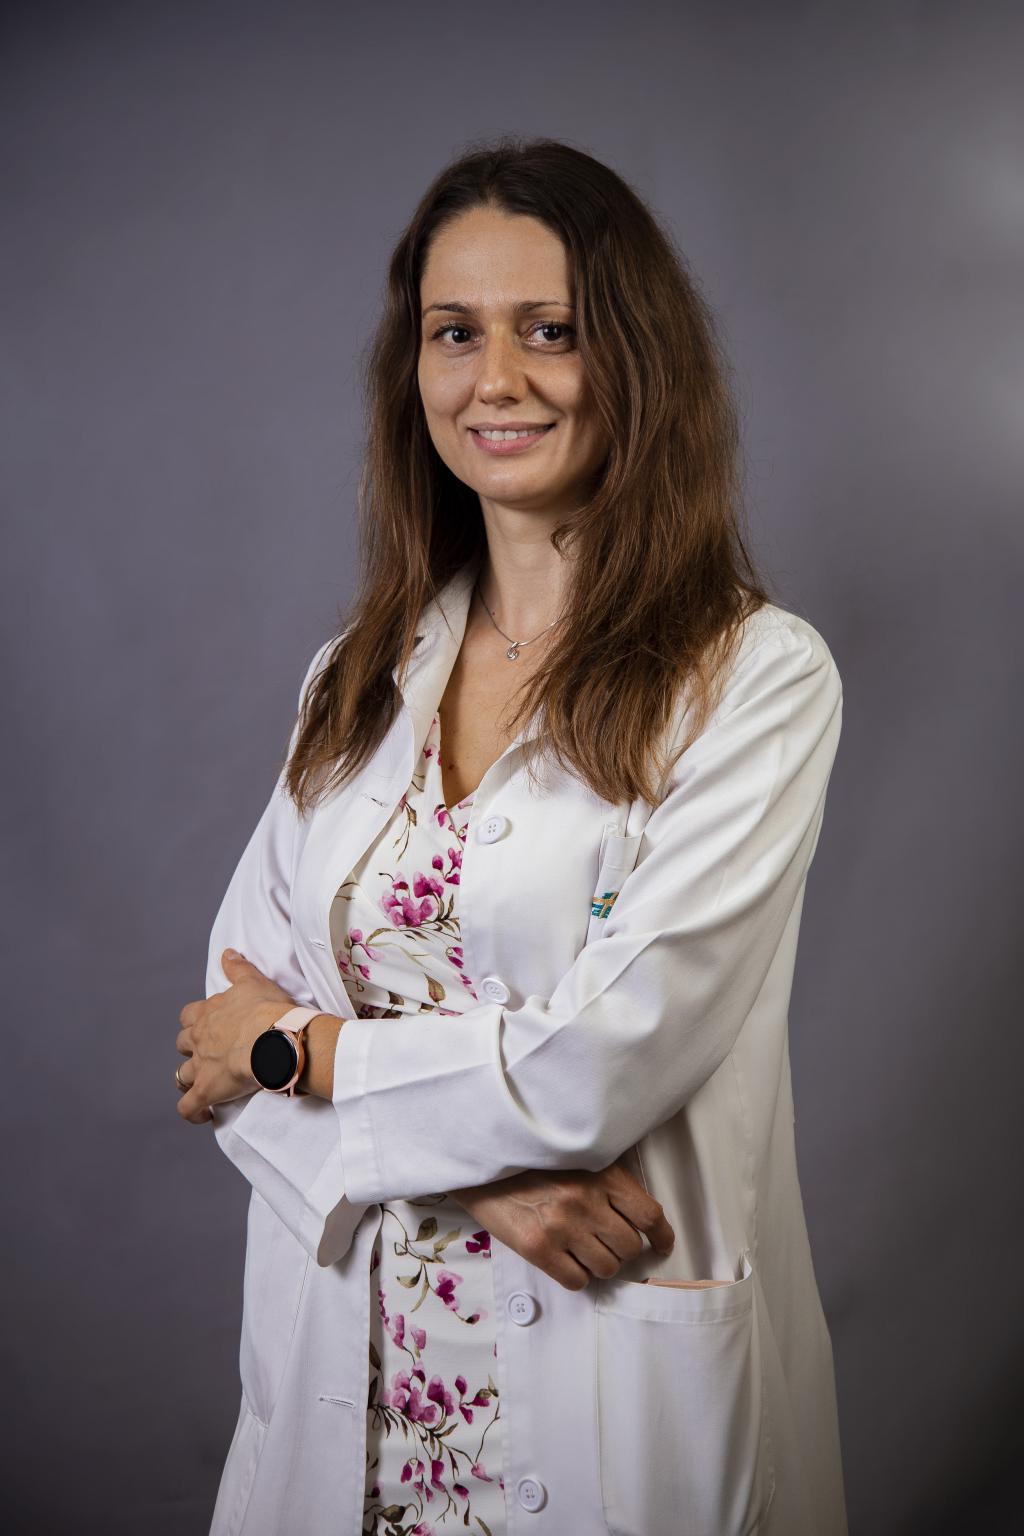 Isabela Raducan